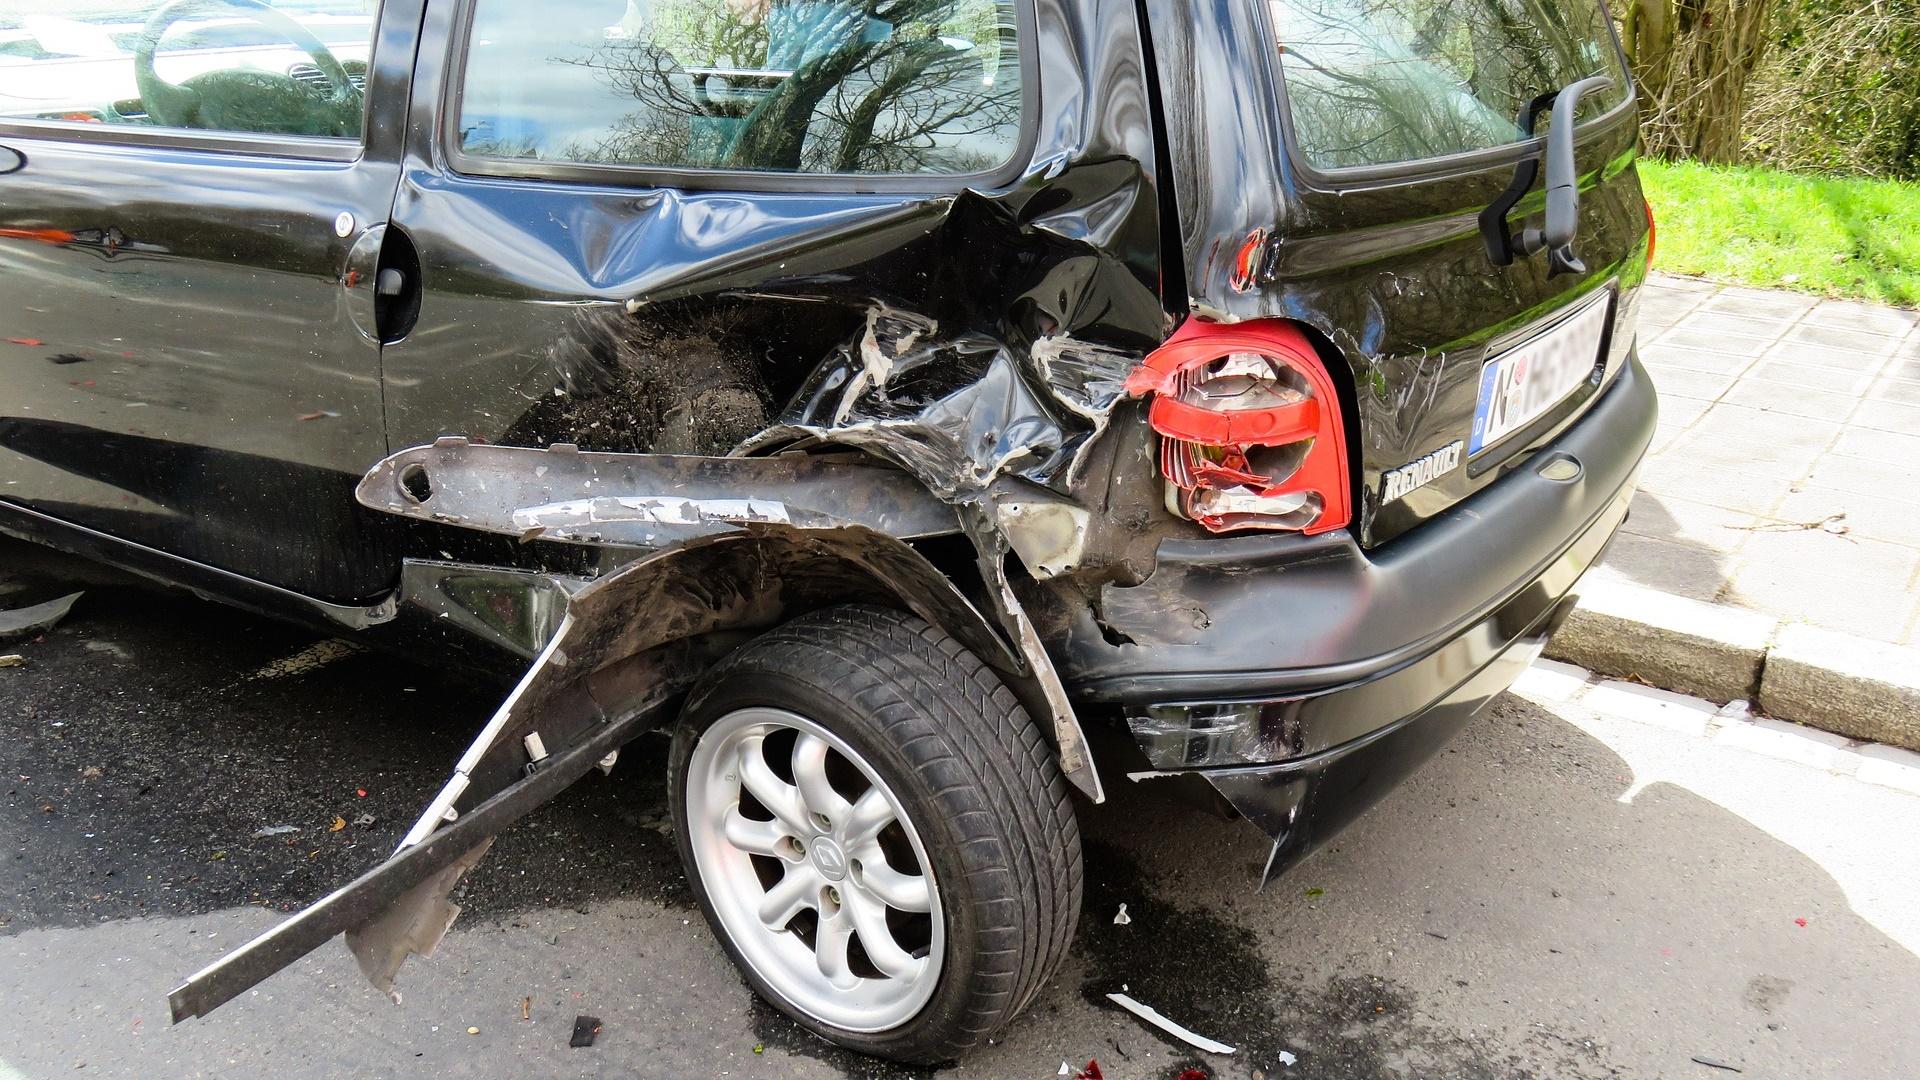 仕事の車で事故を起こしたら一律5万円の罰金を取る規則は無効です